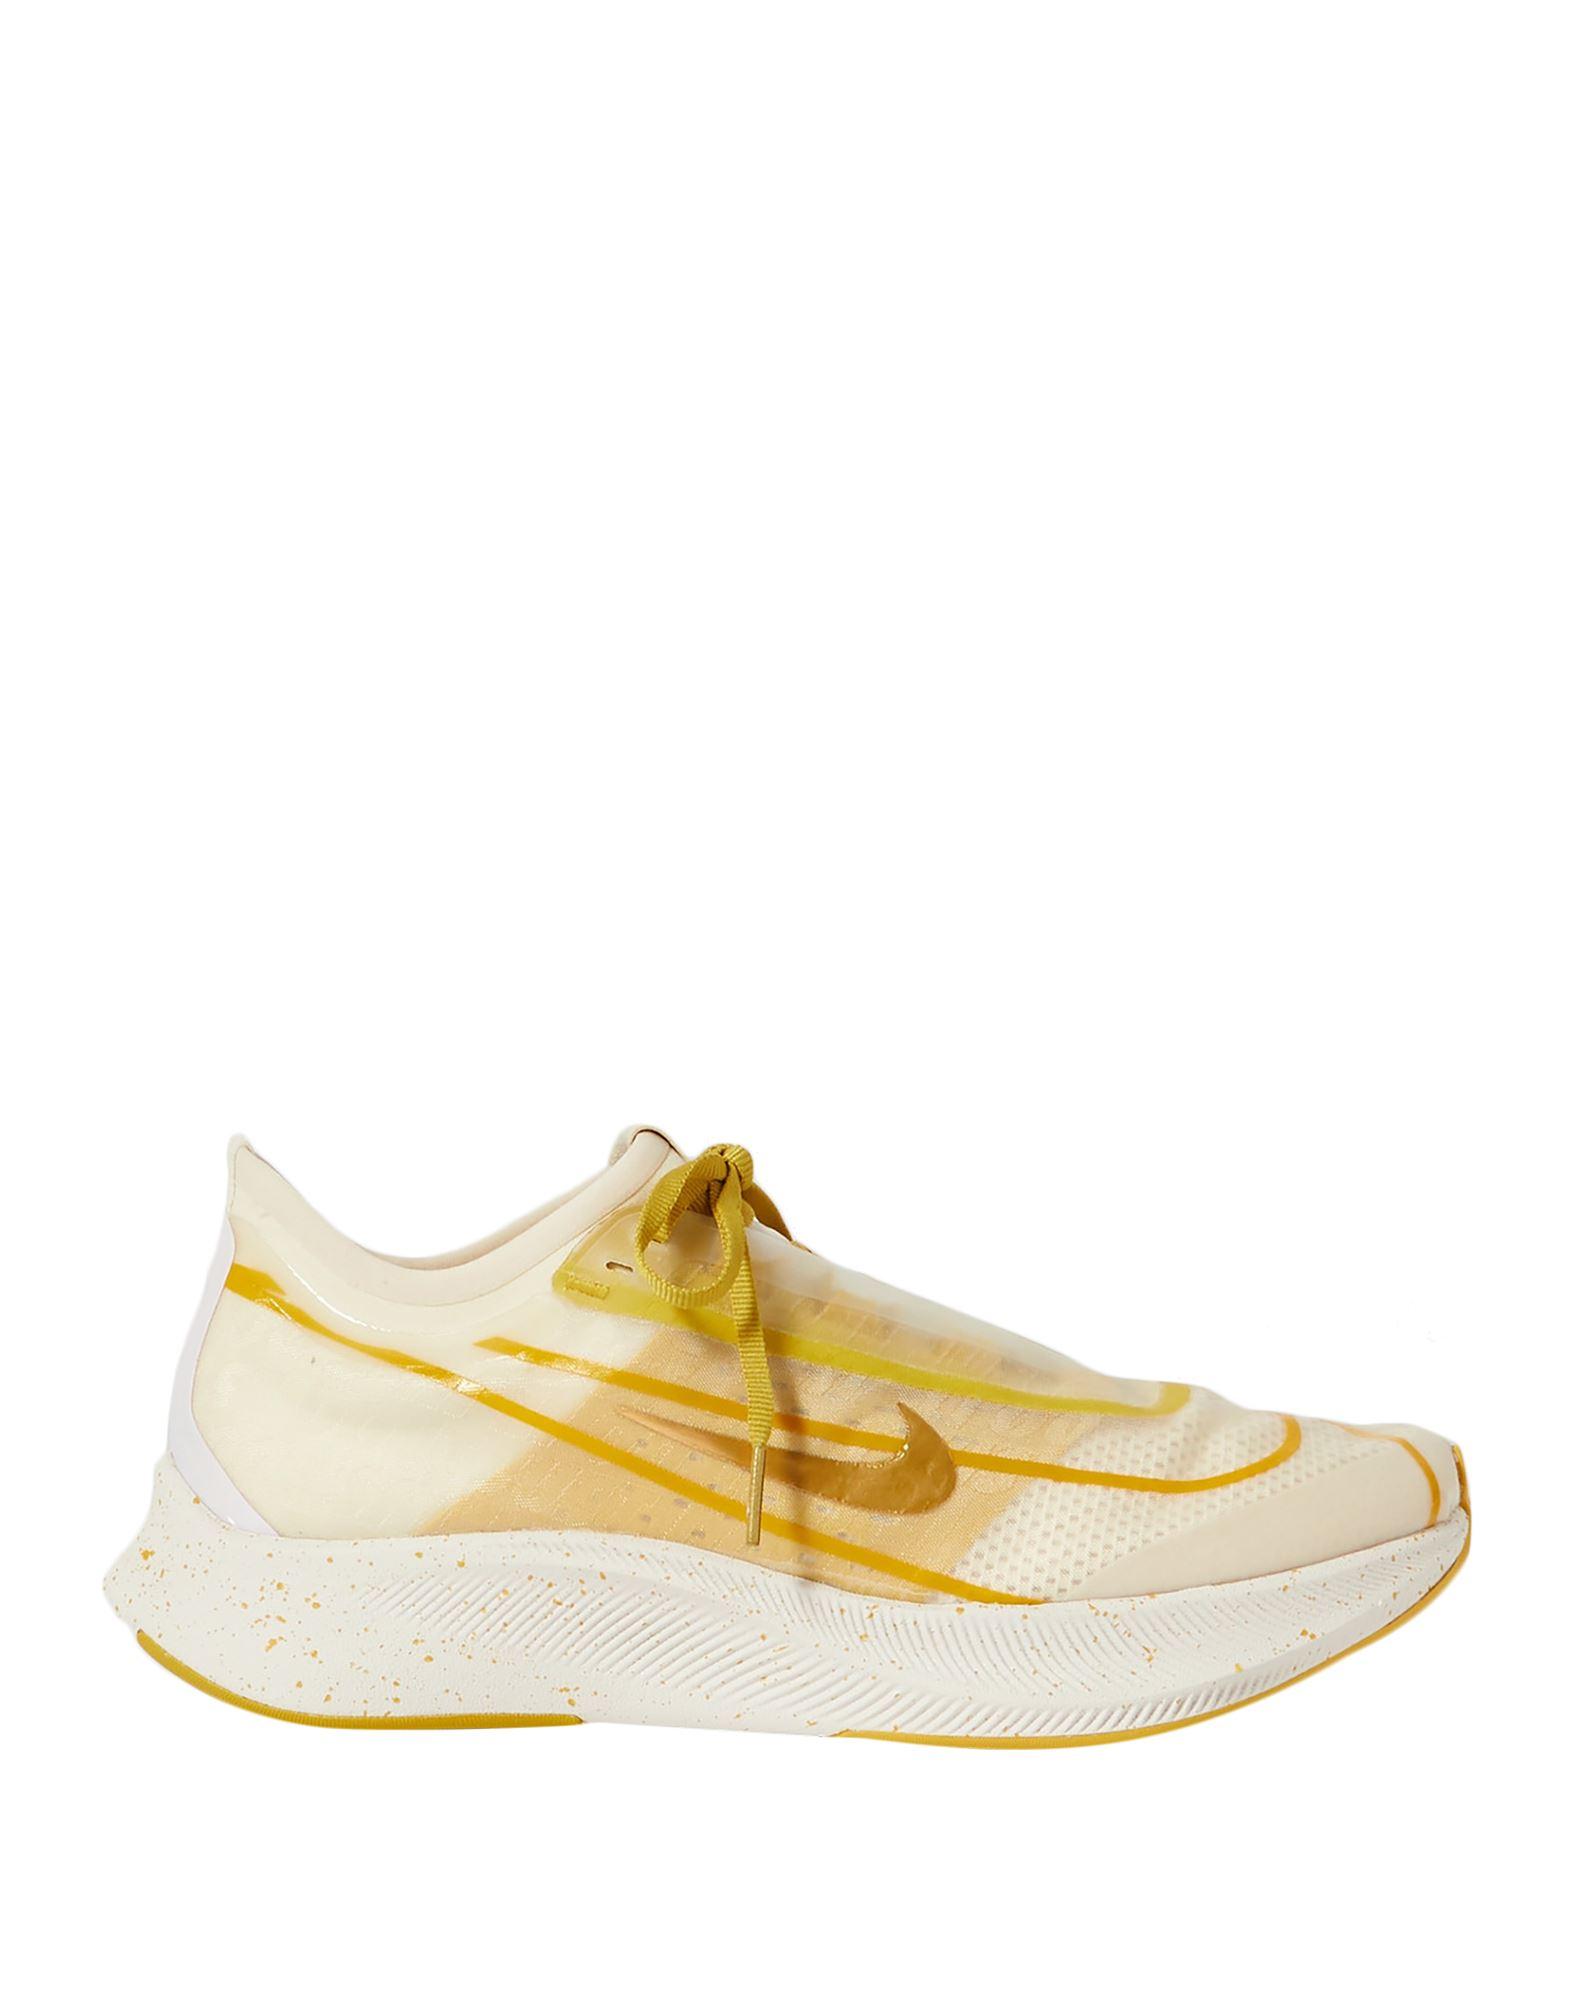 《セール開催中》NIKE レディース スニーカー&テニスシューズ(ローカット) ライトイエロー 9 紡績繊維 / プラスティック